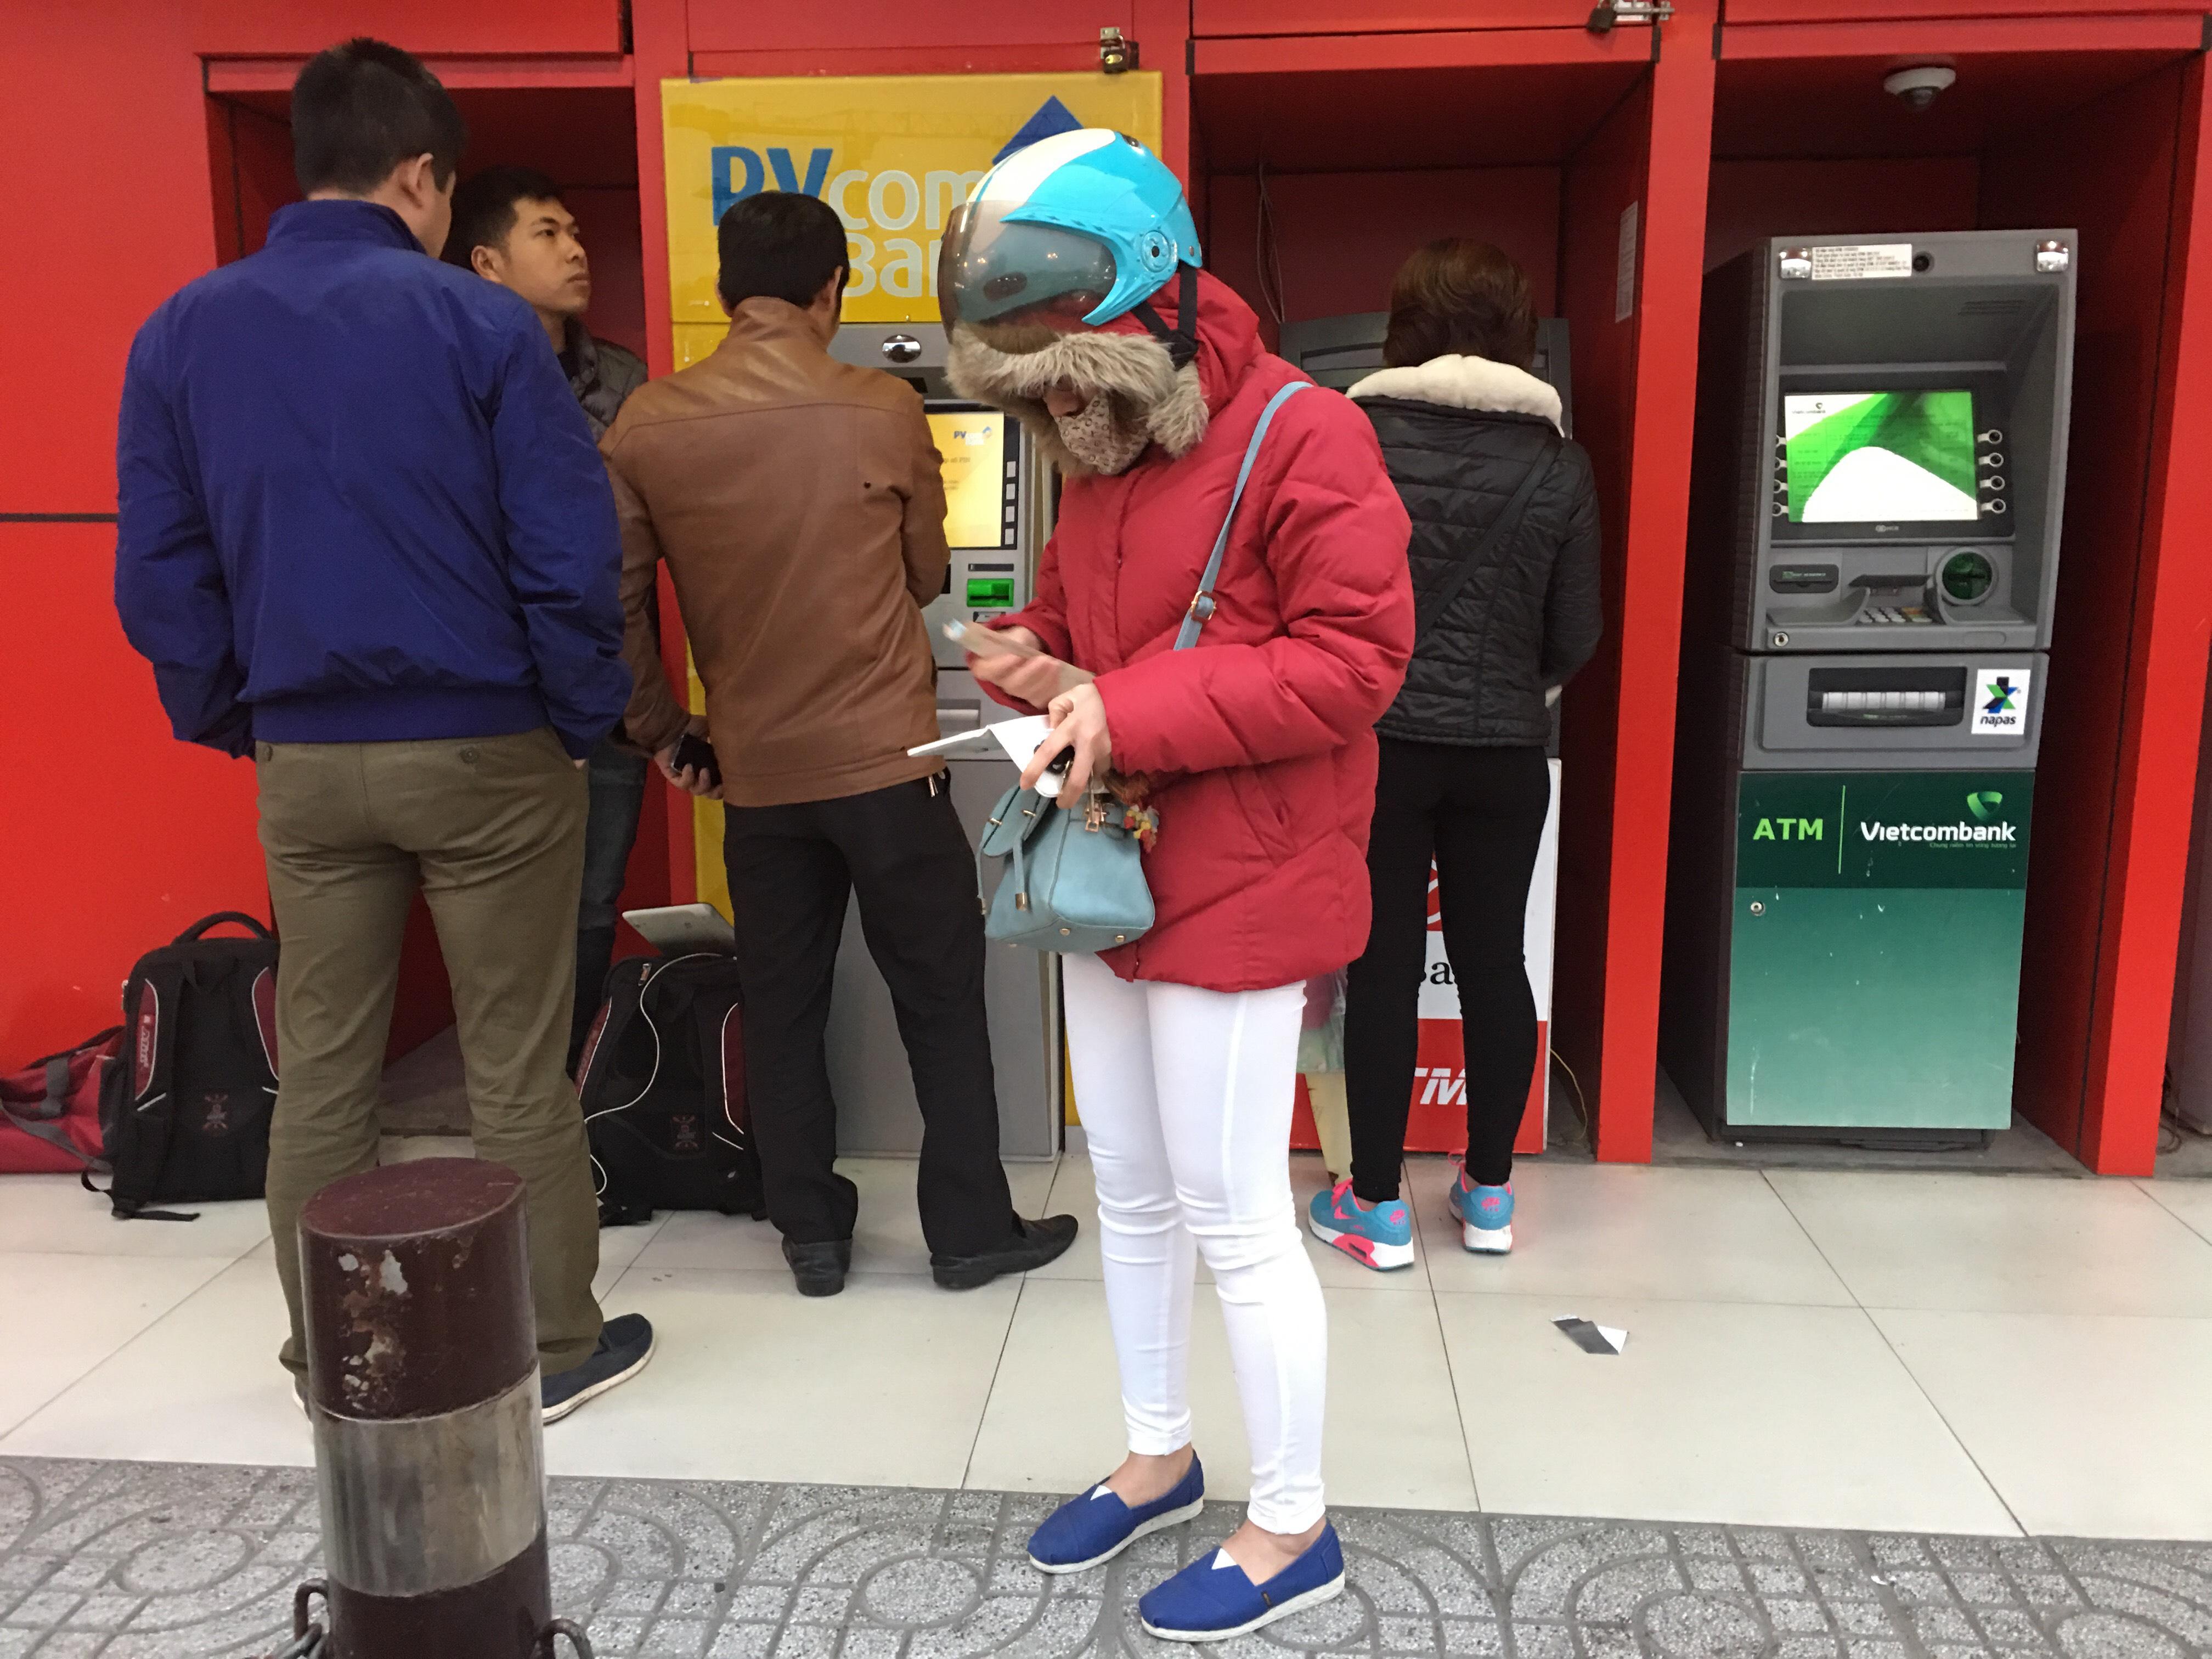 PVcombank nói về việc cây ATM nhả ra tờ giấy in số 500.000 VNĐ khi khách